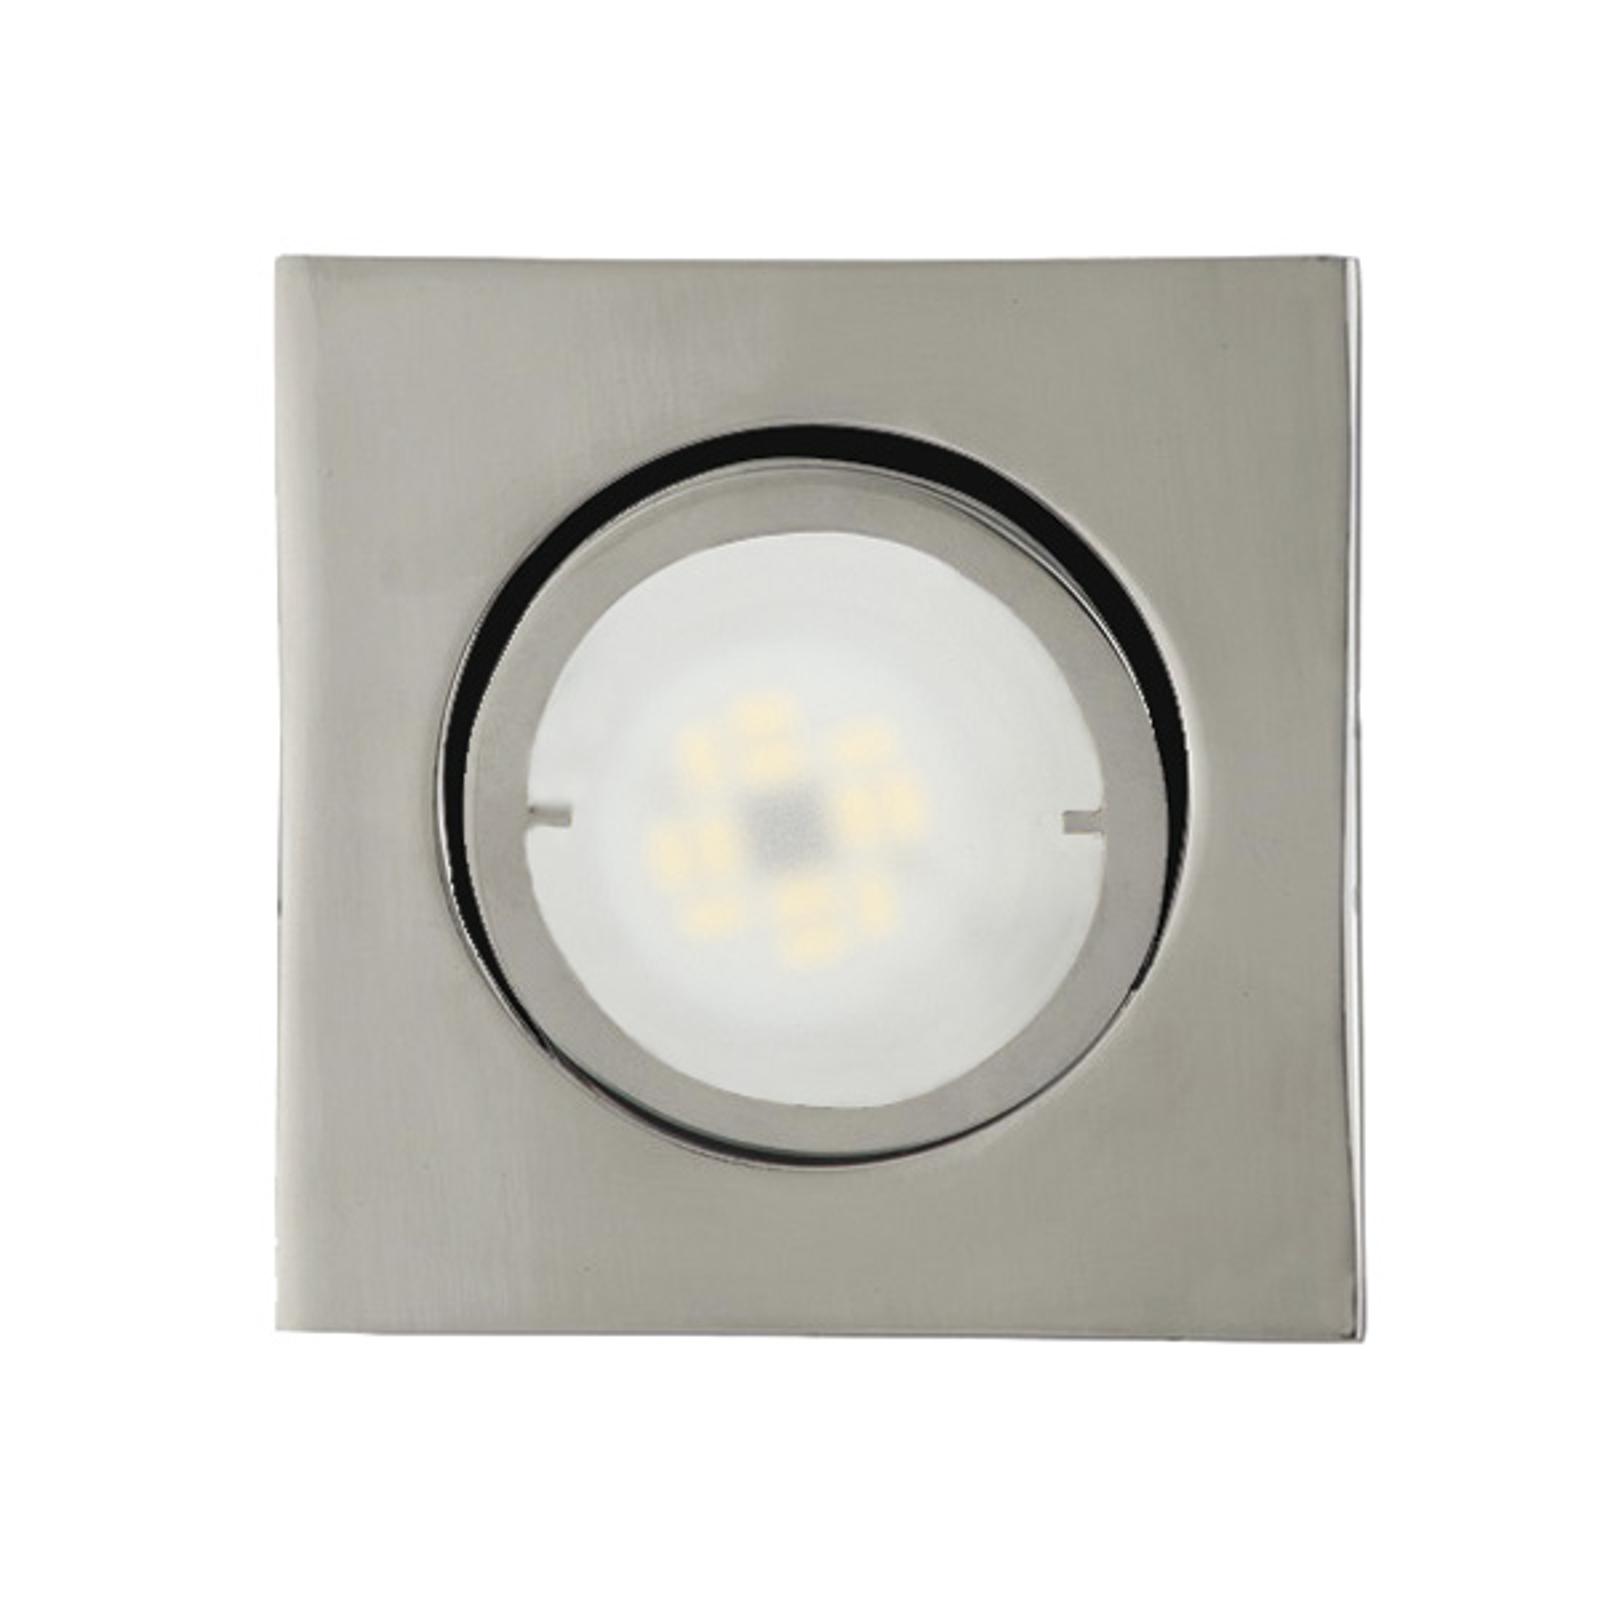 Kantet LED-innbyggingslampe Joanie, krom